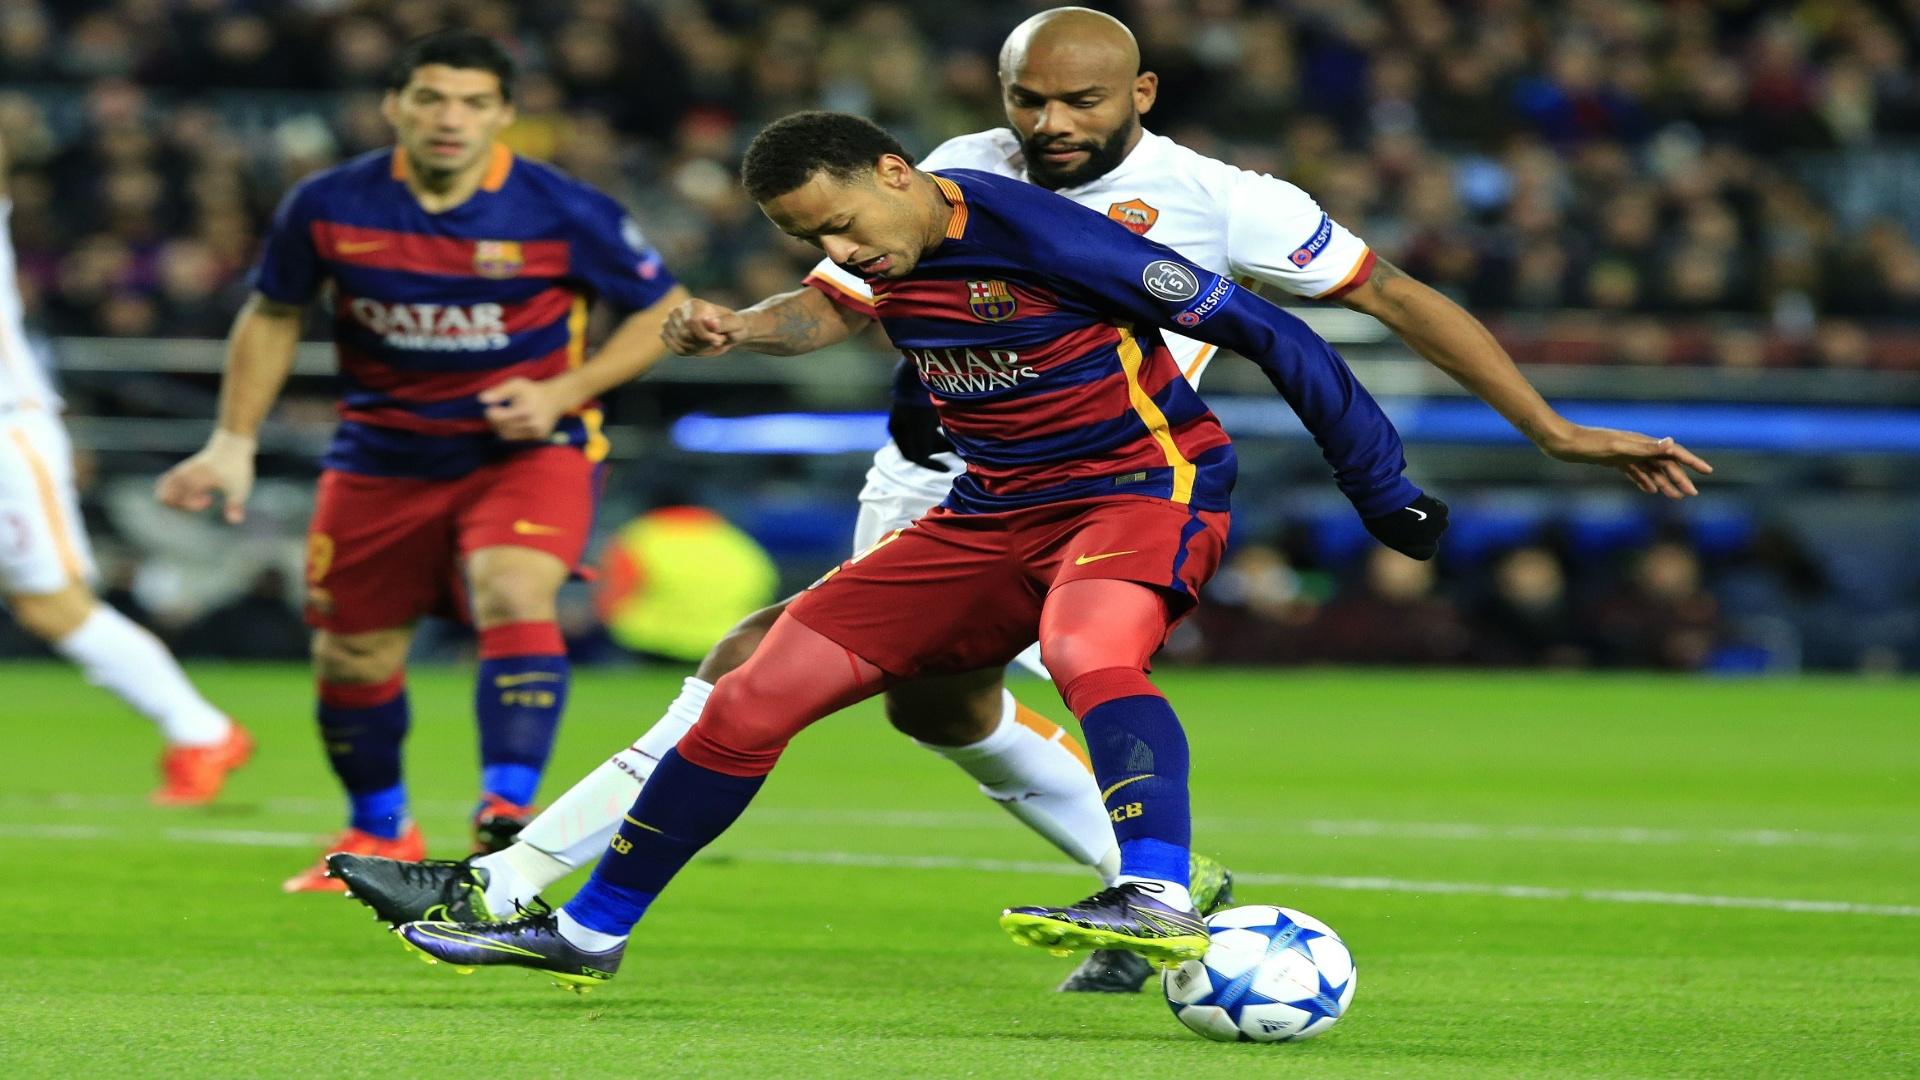 Maicon tenta desarmar Neymar durante o confronto entre Barcelona e Roma